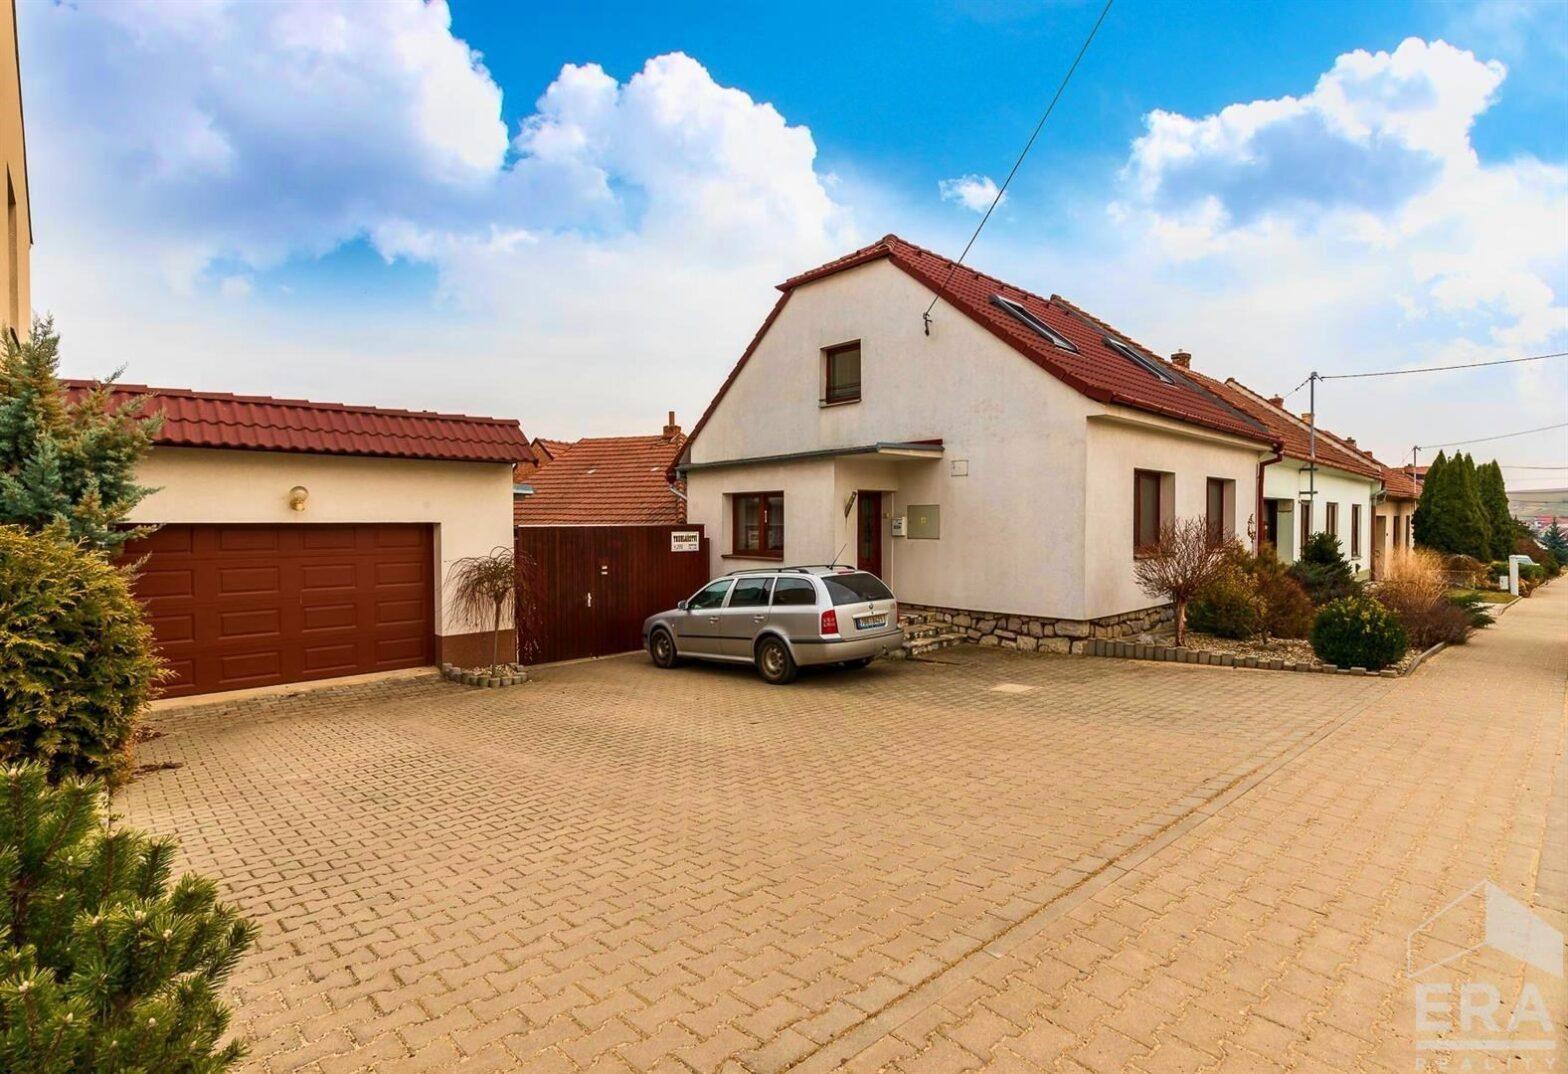 Rodinný dům po rekonstrukci s dvojgaráží, rozlehlým pozemkem, velkými dílenskými prostorami a výměnkem ve Viničných Šumicích.